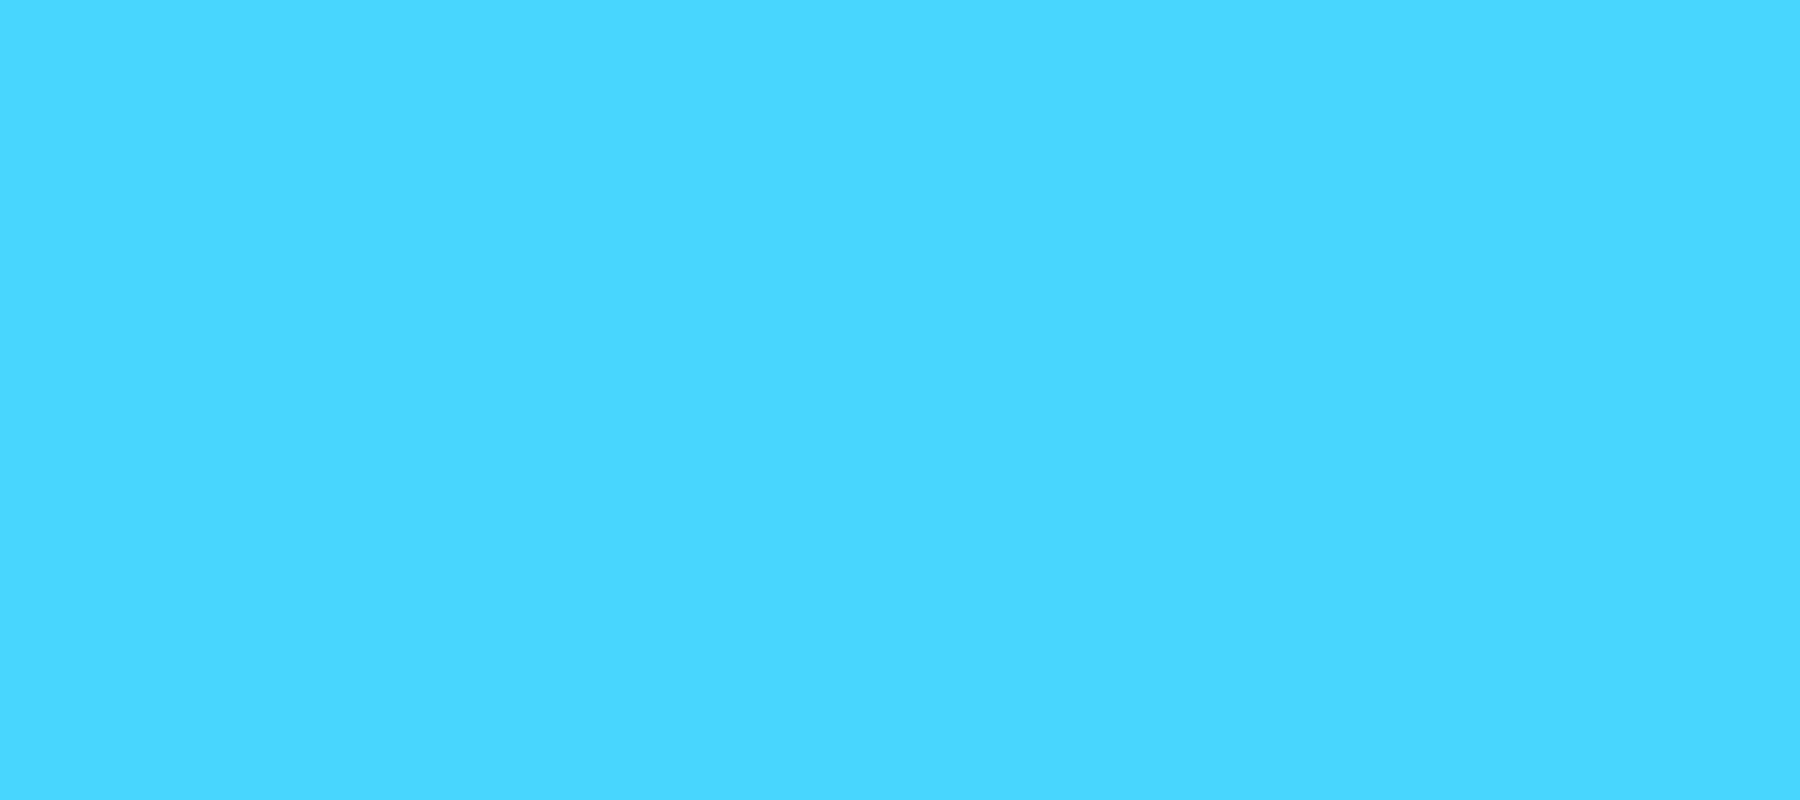 HEXA-Page-Slide2-fondbleu